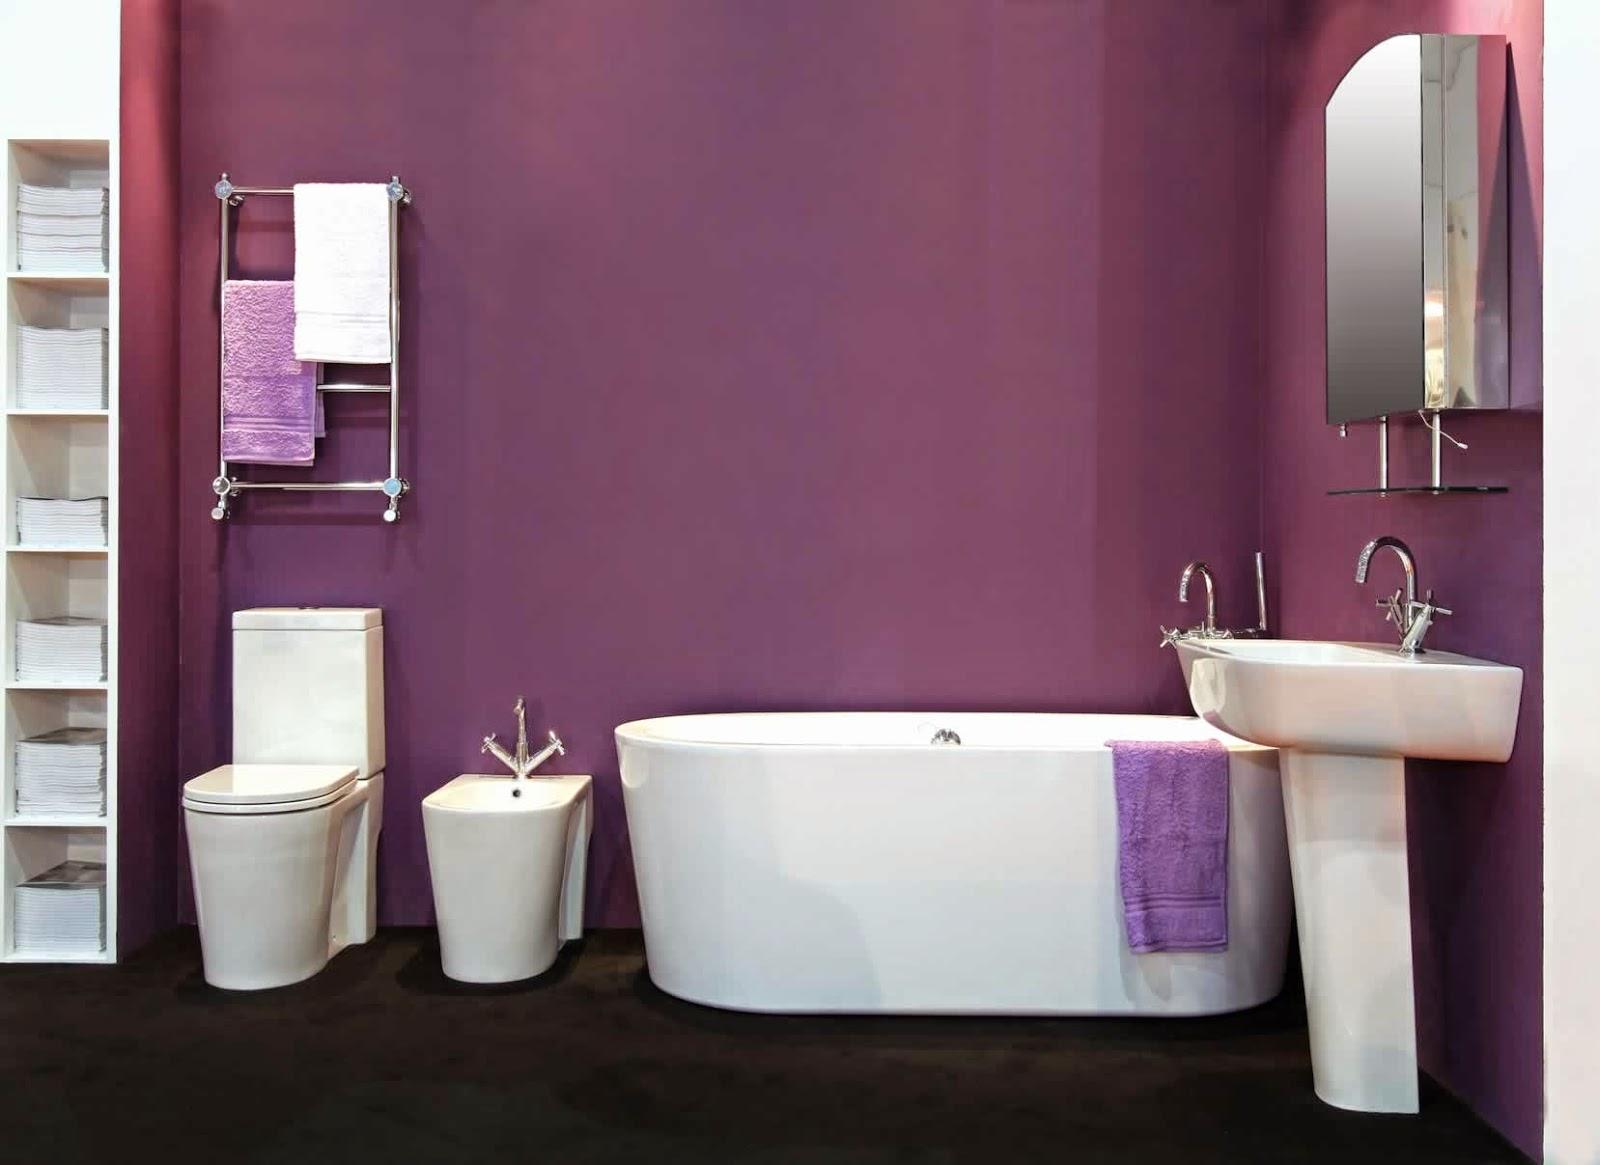 Decoracion Baño Morado:Diseños de baños en color morado – Colores en Casa